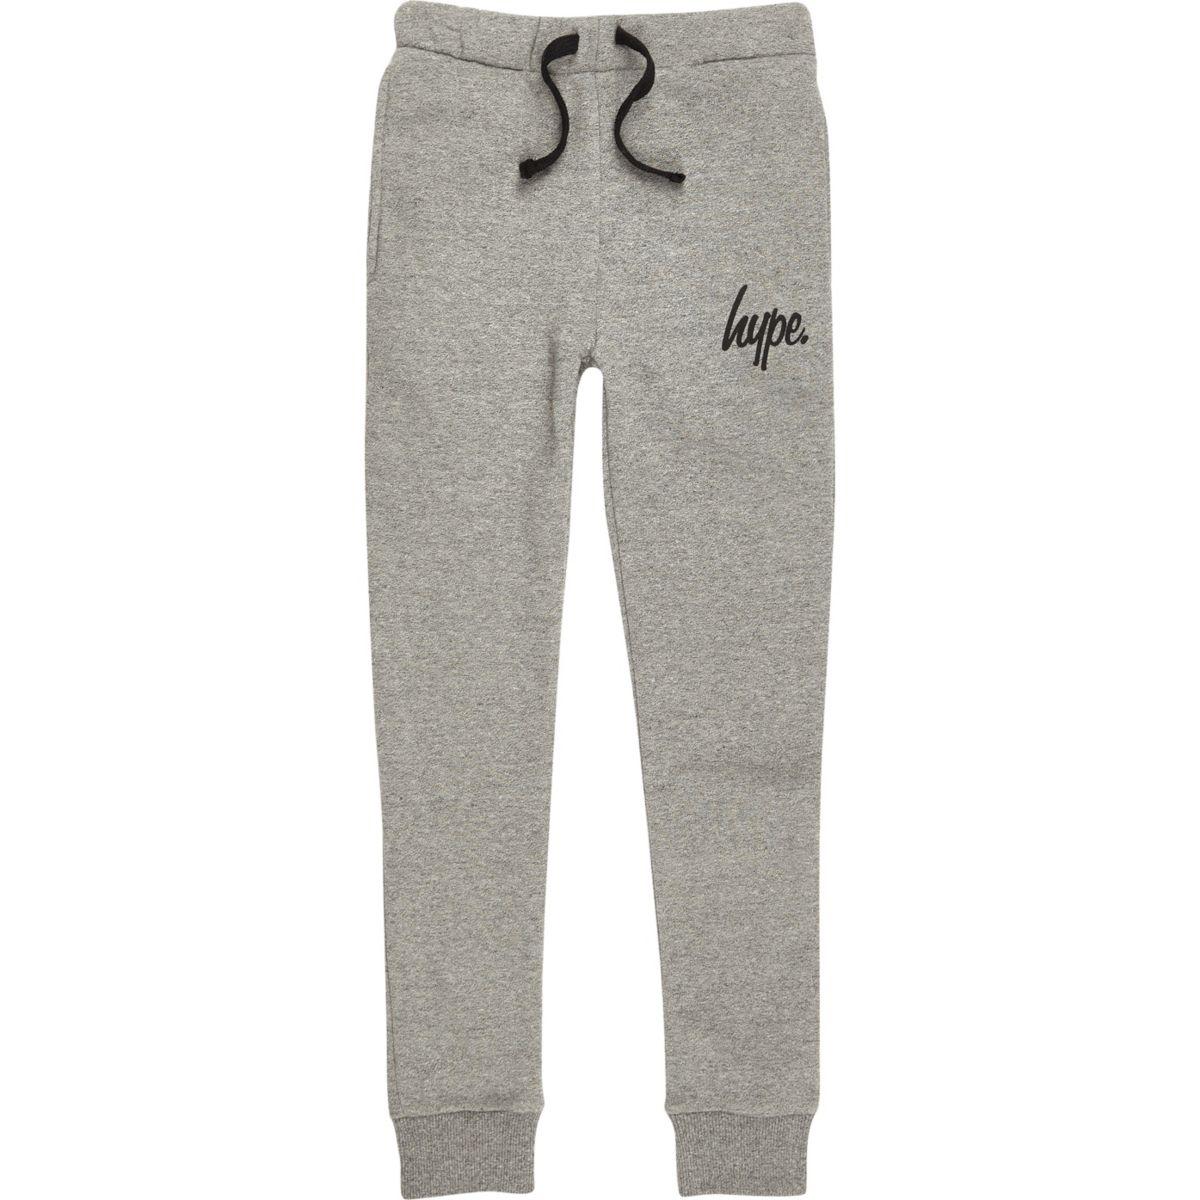 Boys Hype grey joggers